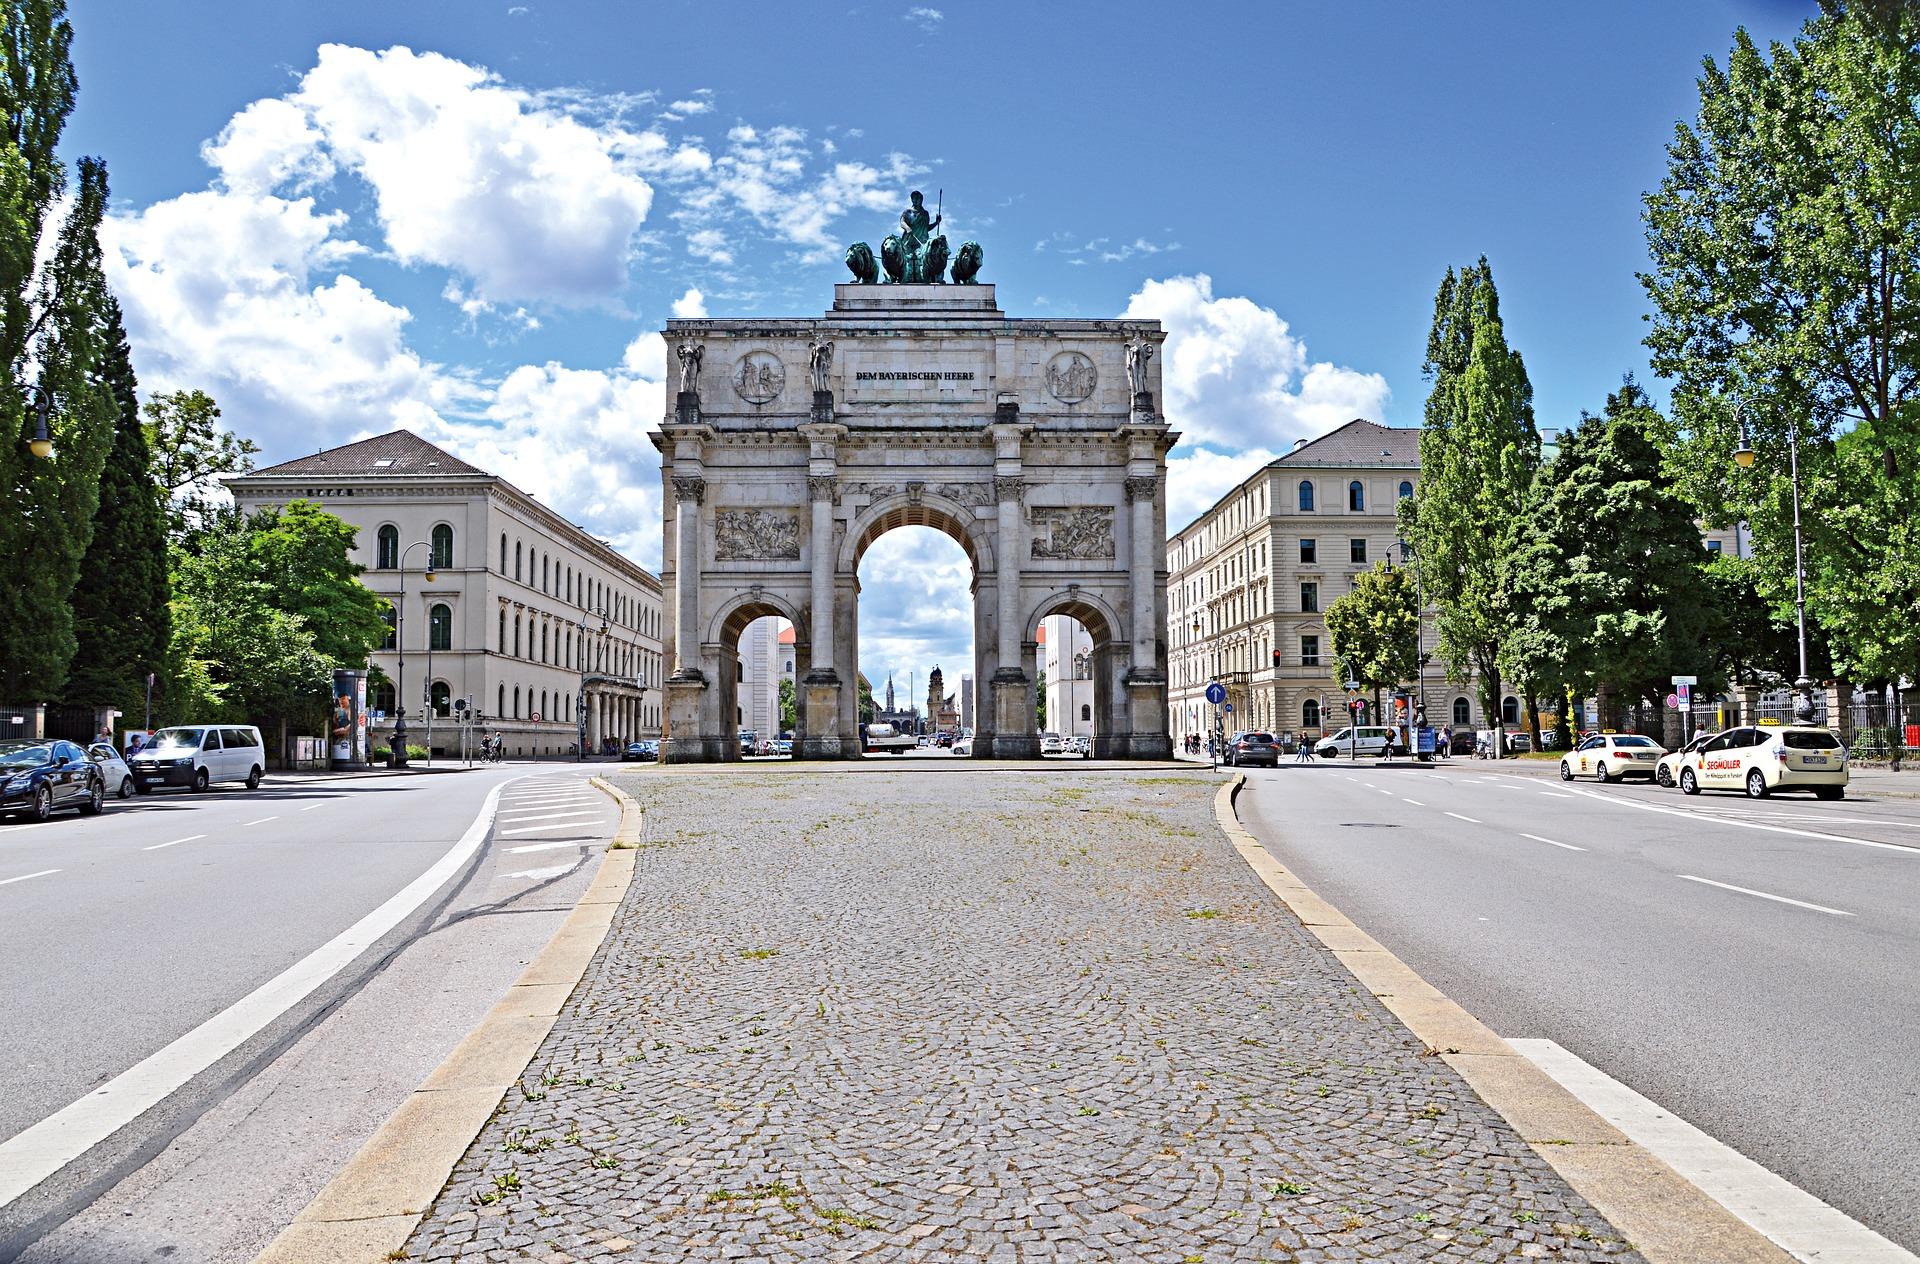 Abbildung_2_Die_bayerische_Hauptstadt_M_nchen_belegt_Rang_2__17nJaHHa